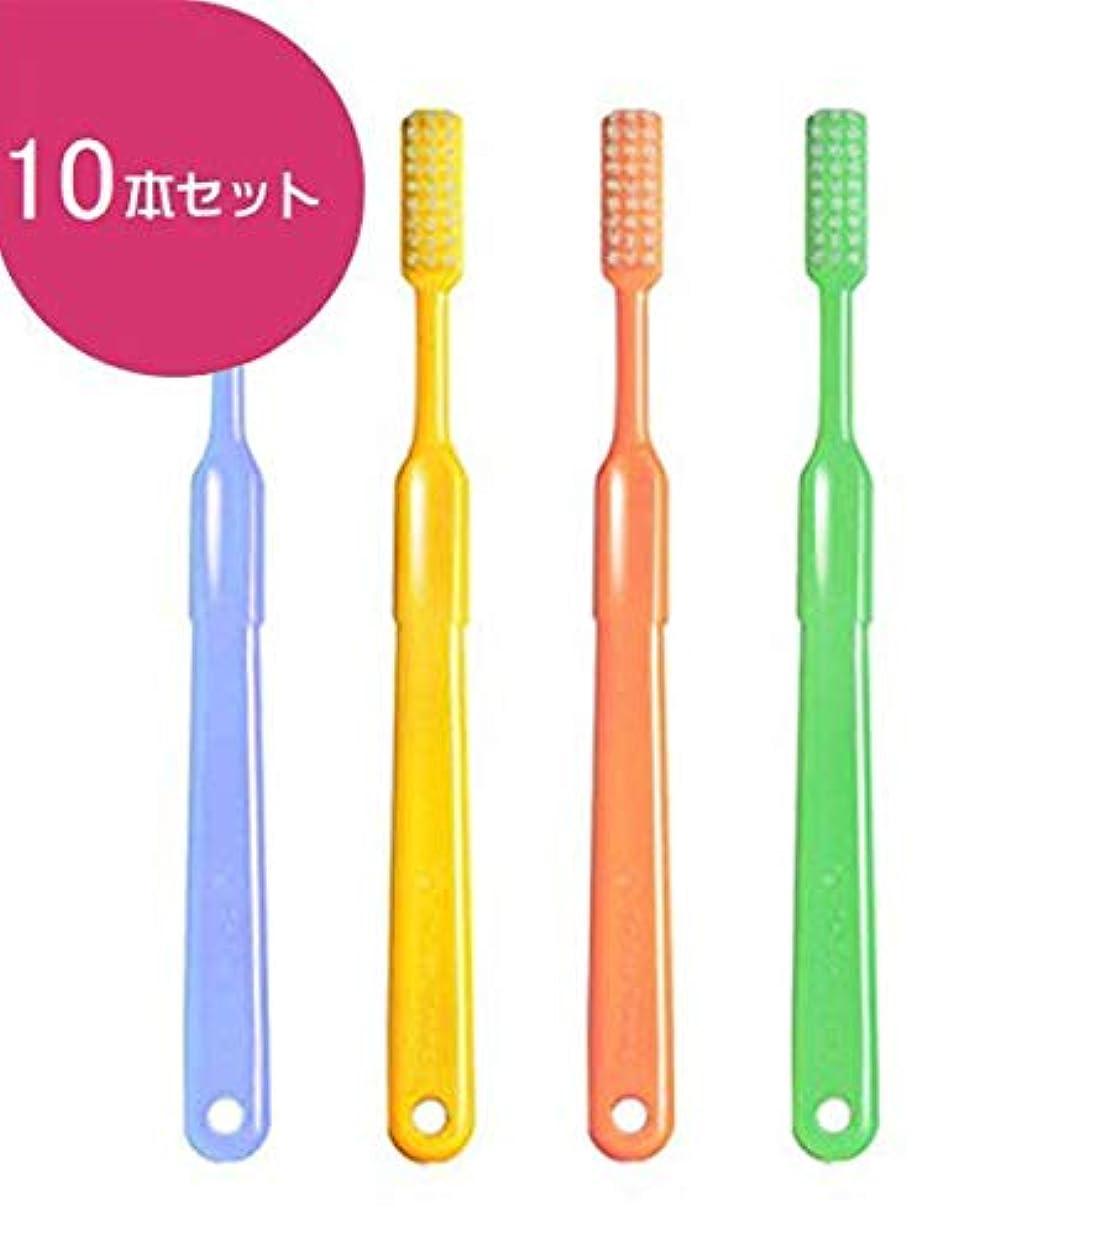 革命比類なきペダルビーブランド ドクター ビーヤング 歯ブラシ 10本 (ヤング)